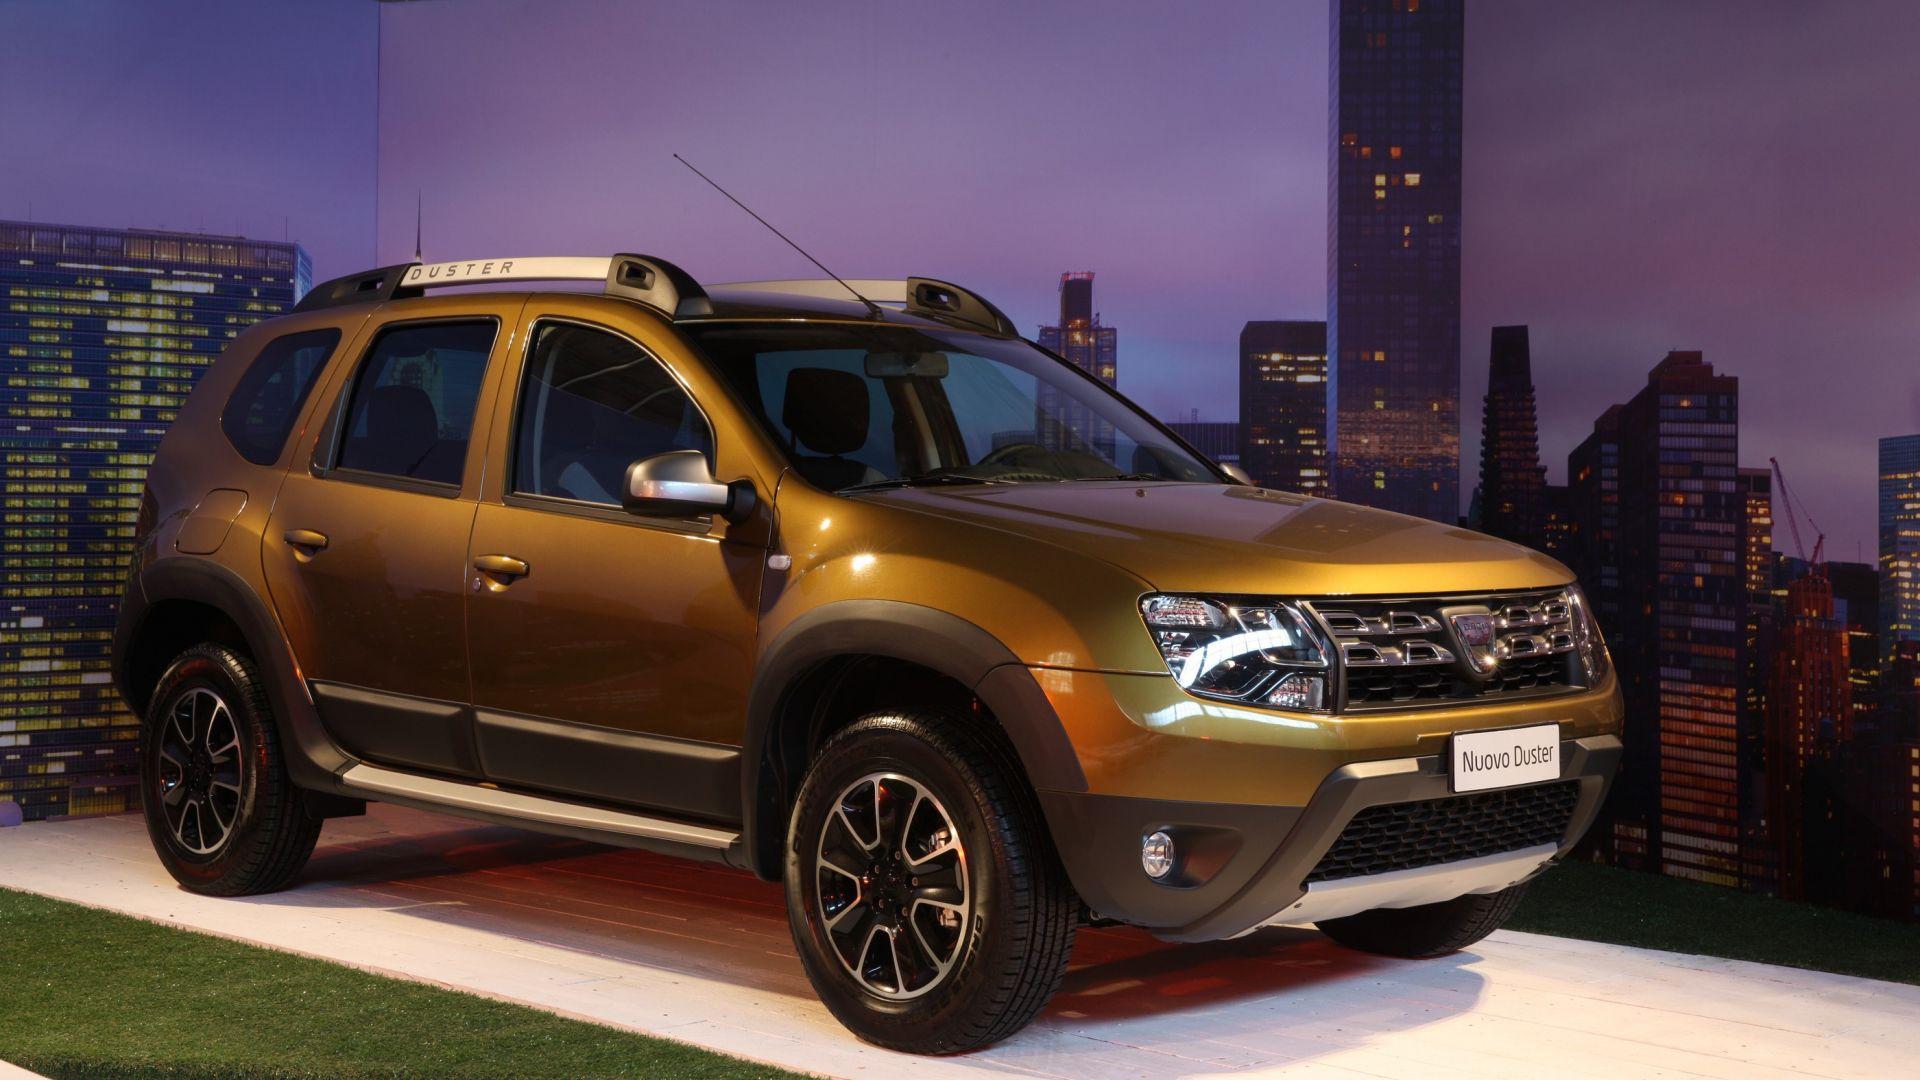 Novità auto: Dacia Duster Urban Explorer - MotorBox